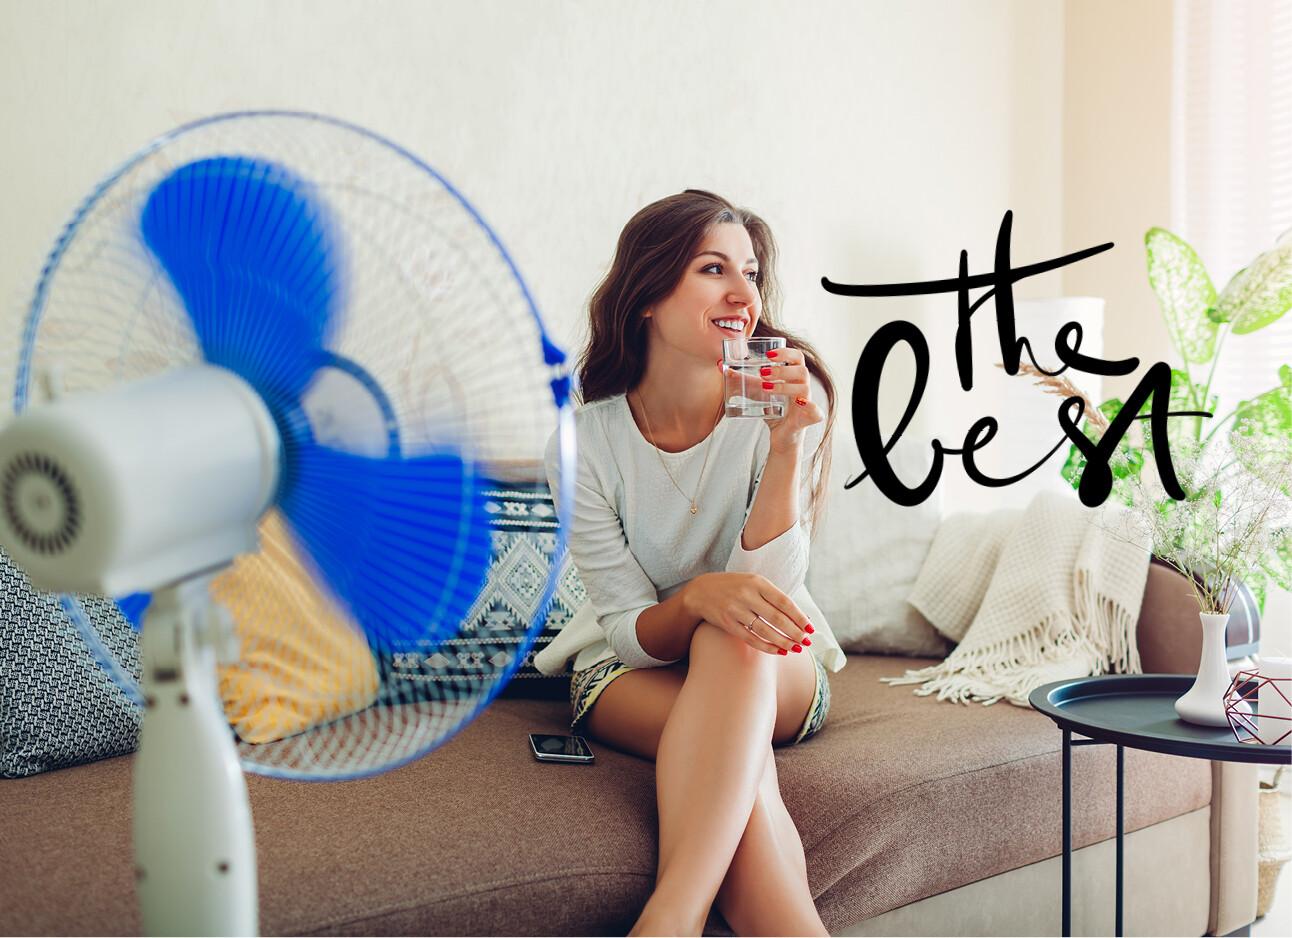 ventilator en vrouw verkoeling